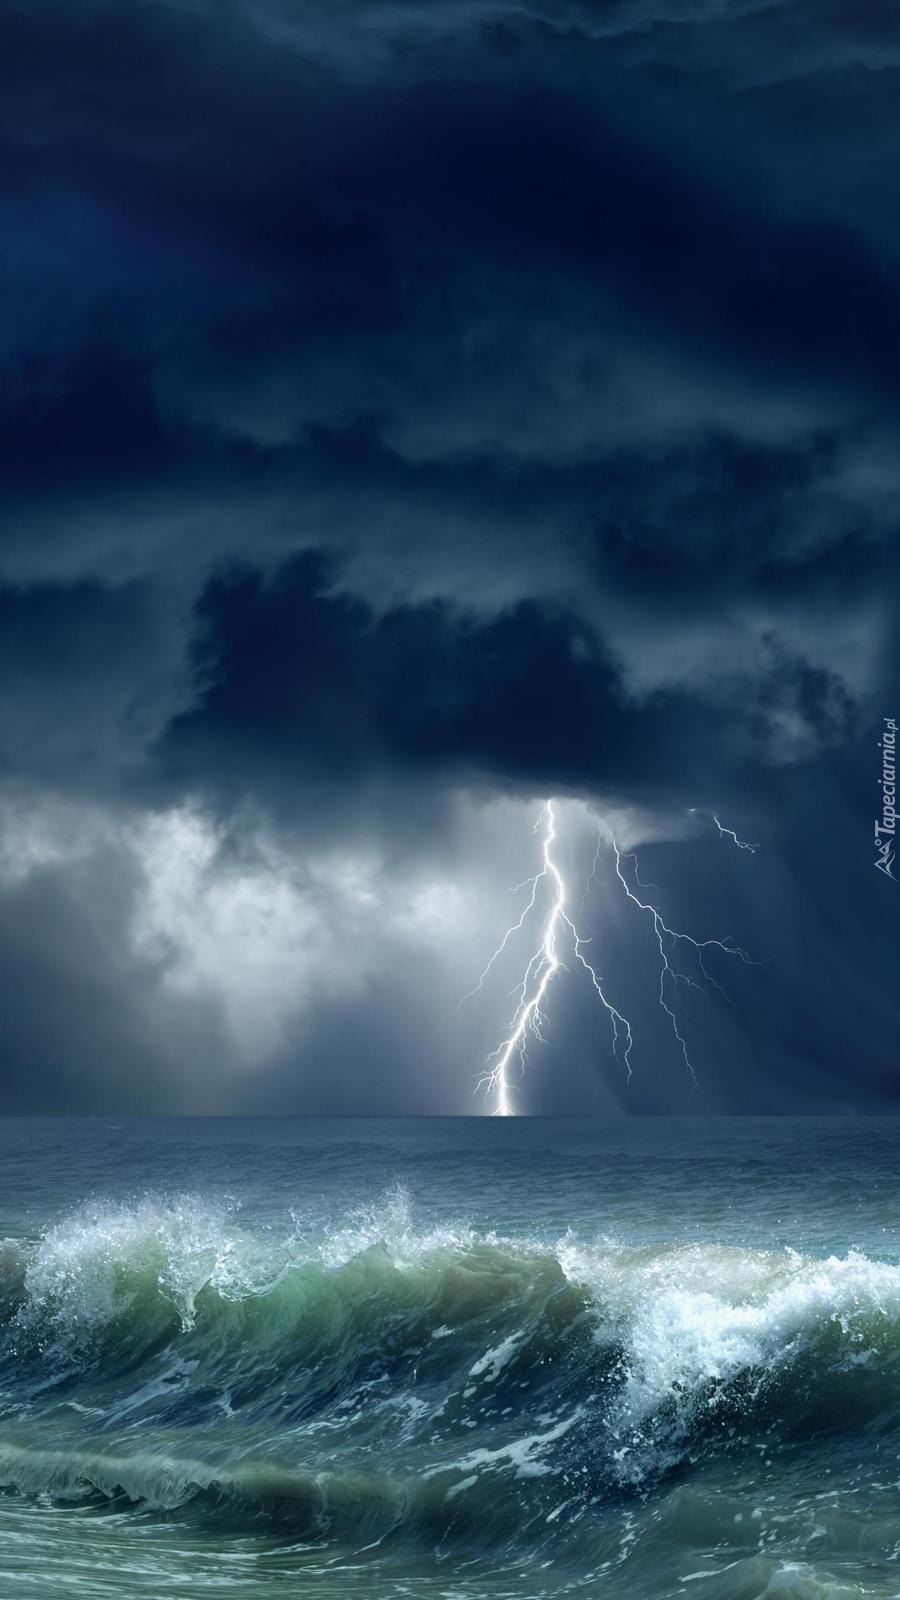 Tornado z błyskawicami nad morzem